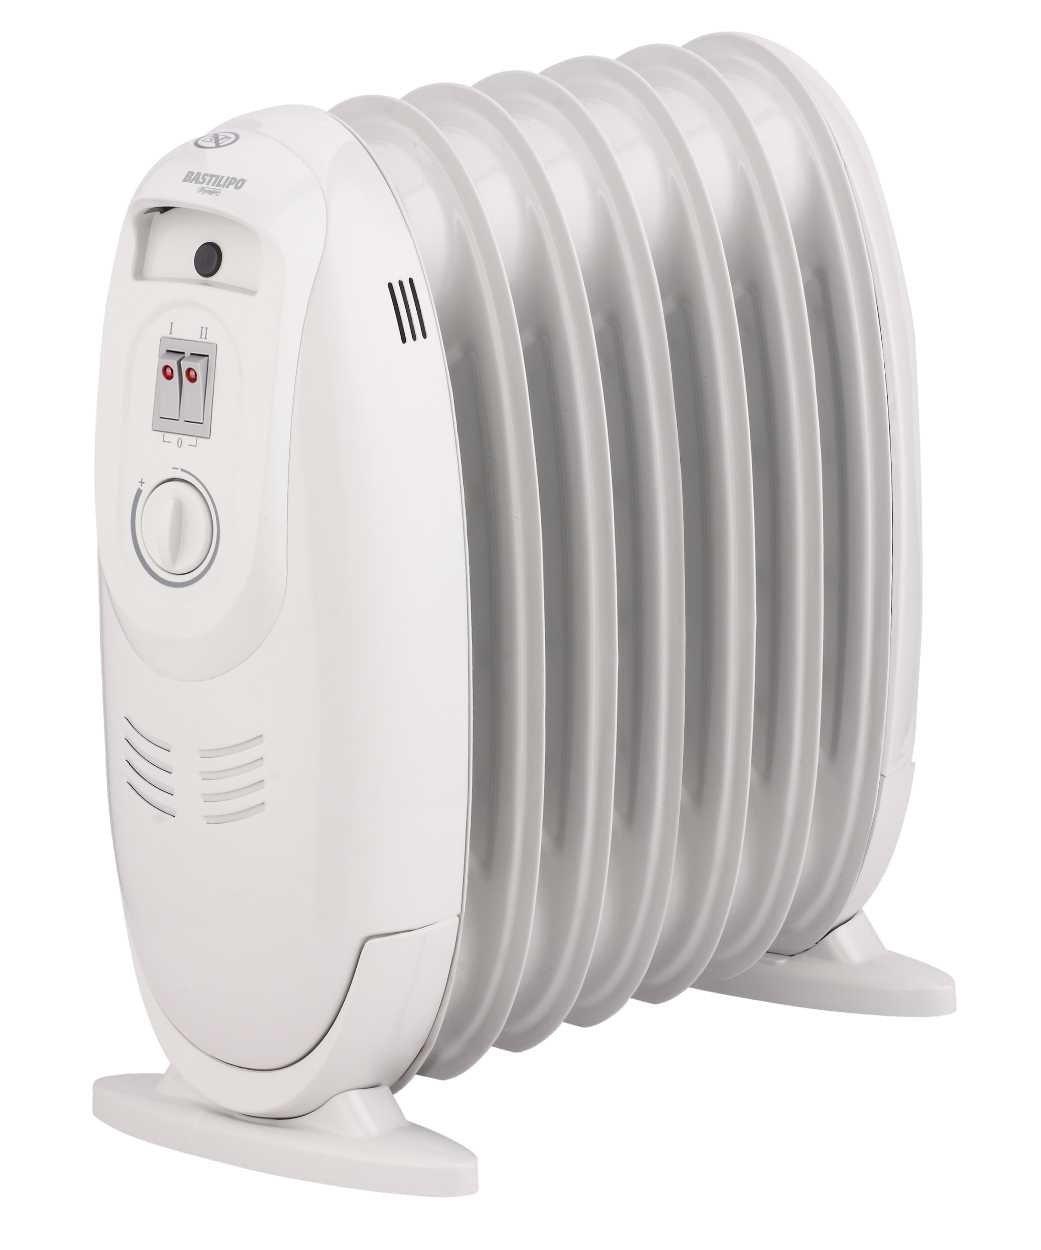 Bastilipo MRA-600 Radiador de fluido 600 W, Otro, Blanco: Amazon.es: Hogar